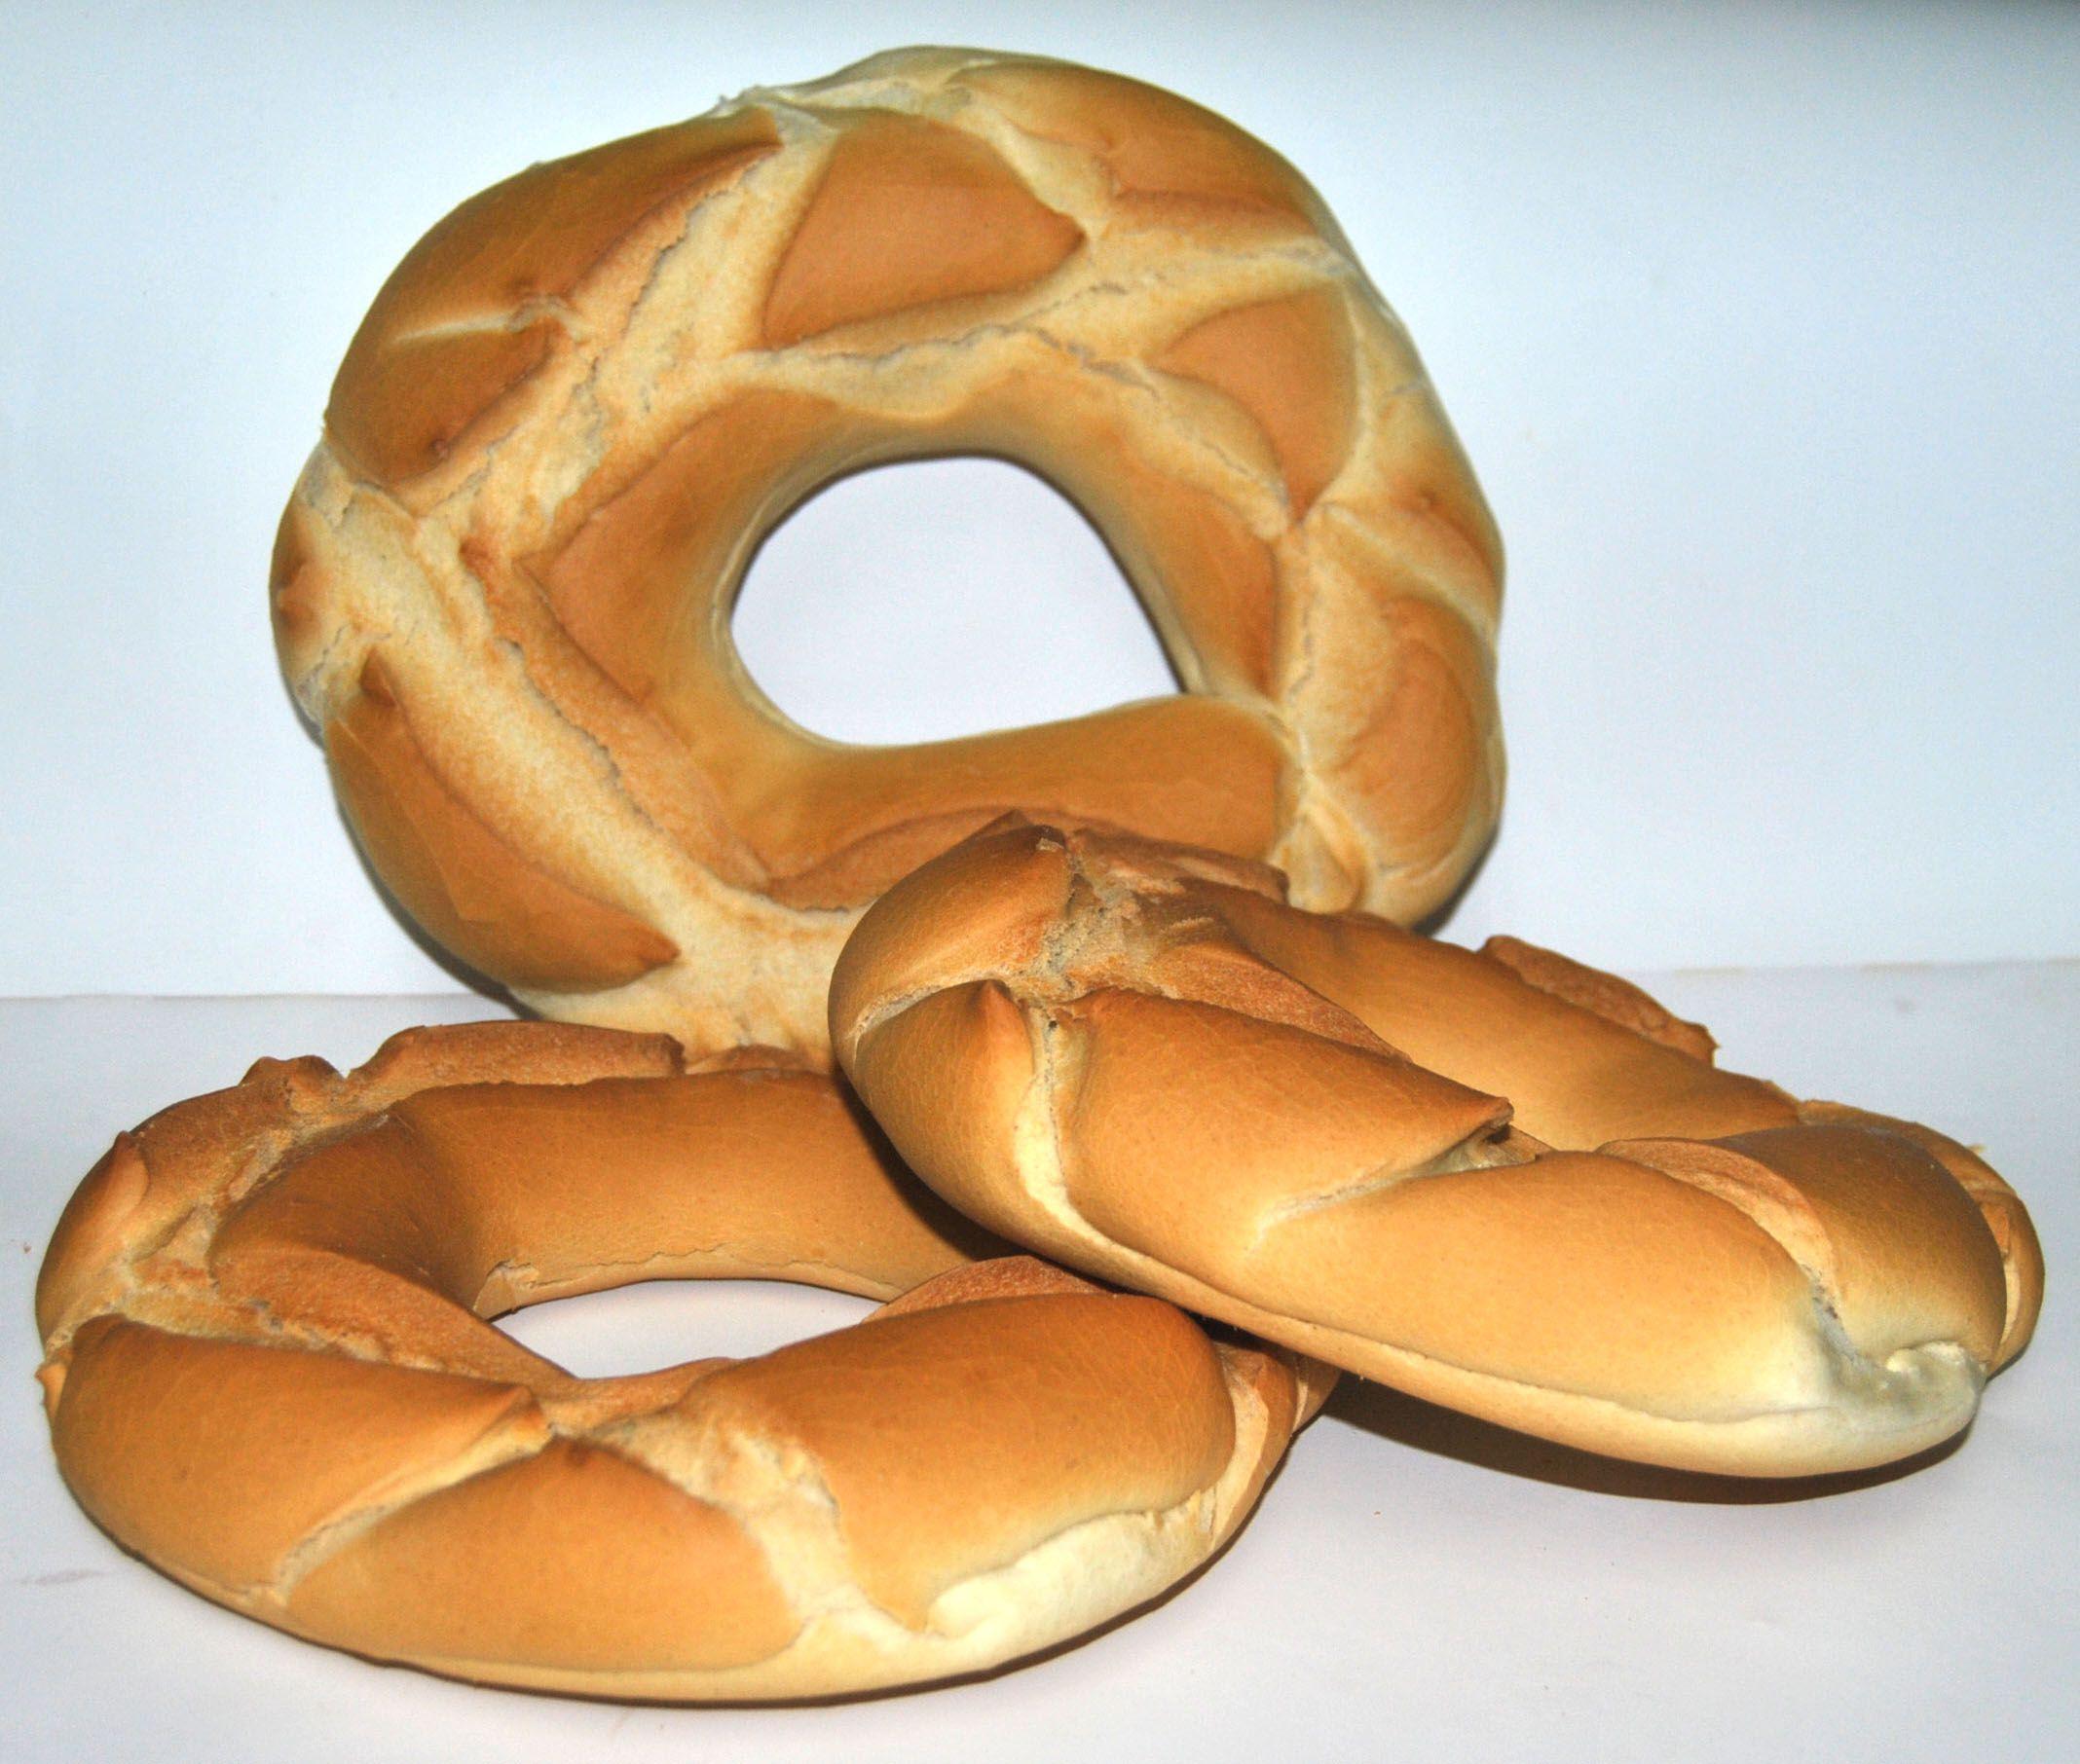 Venta y distribución de pan en Córdoba